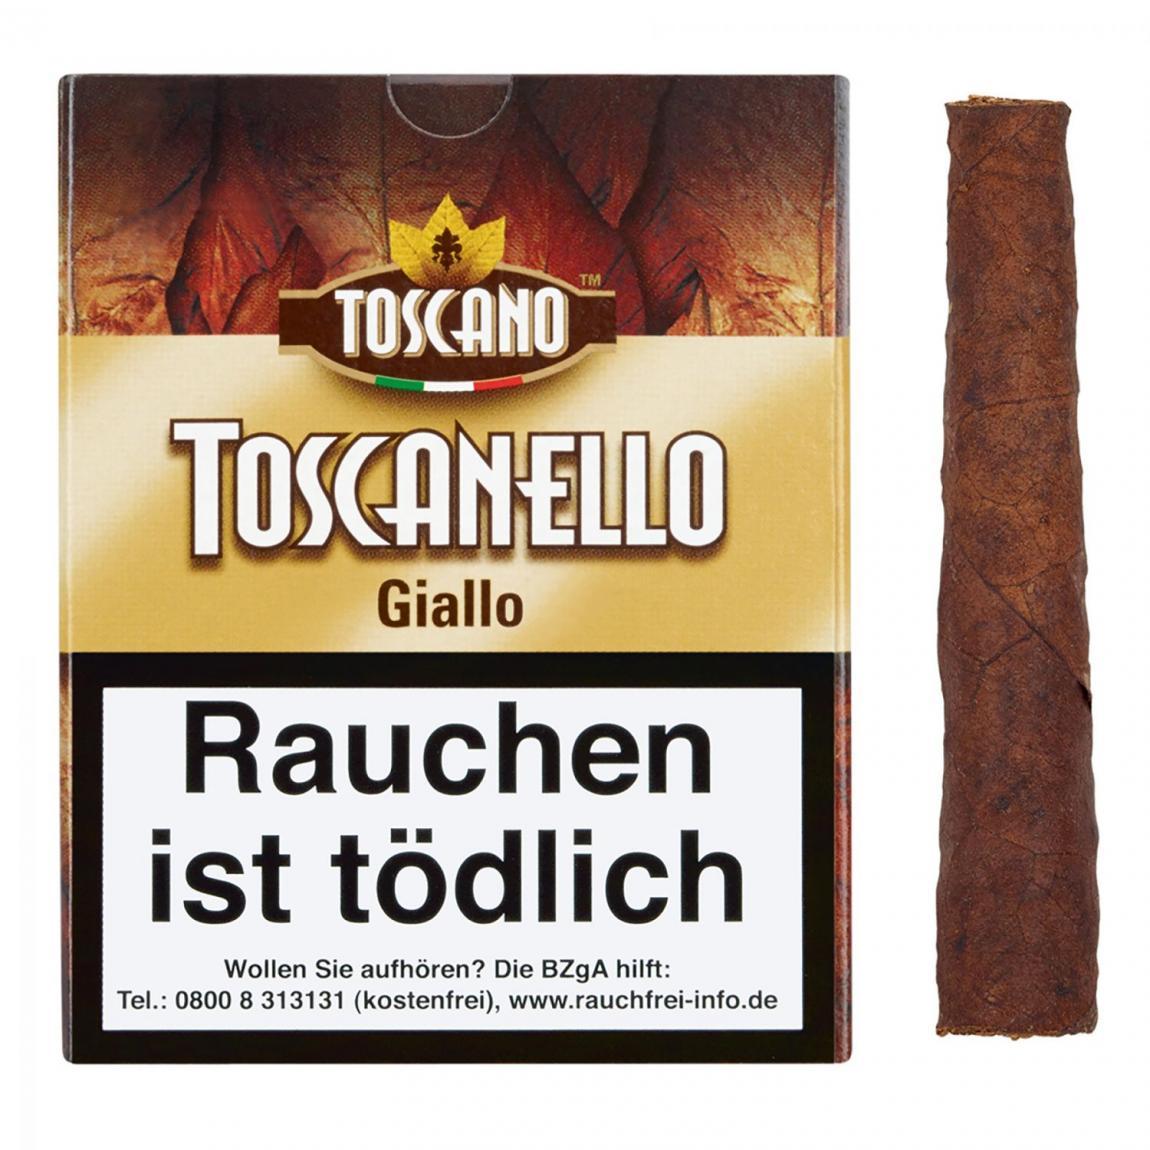 Toscano Toscanello »Giallo« 5er Schachtel